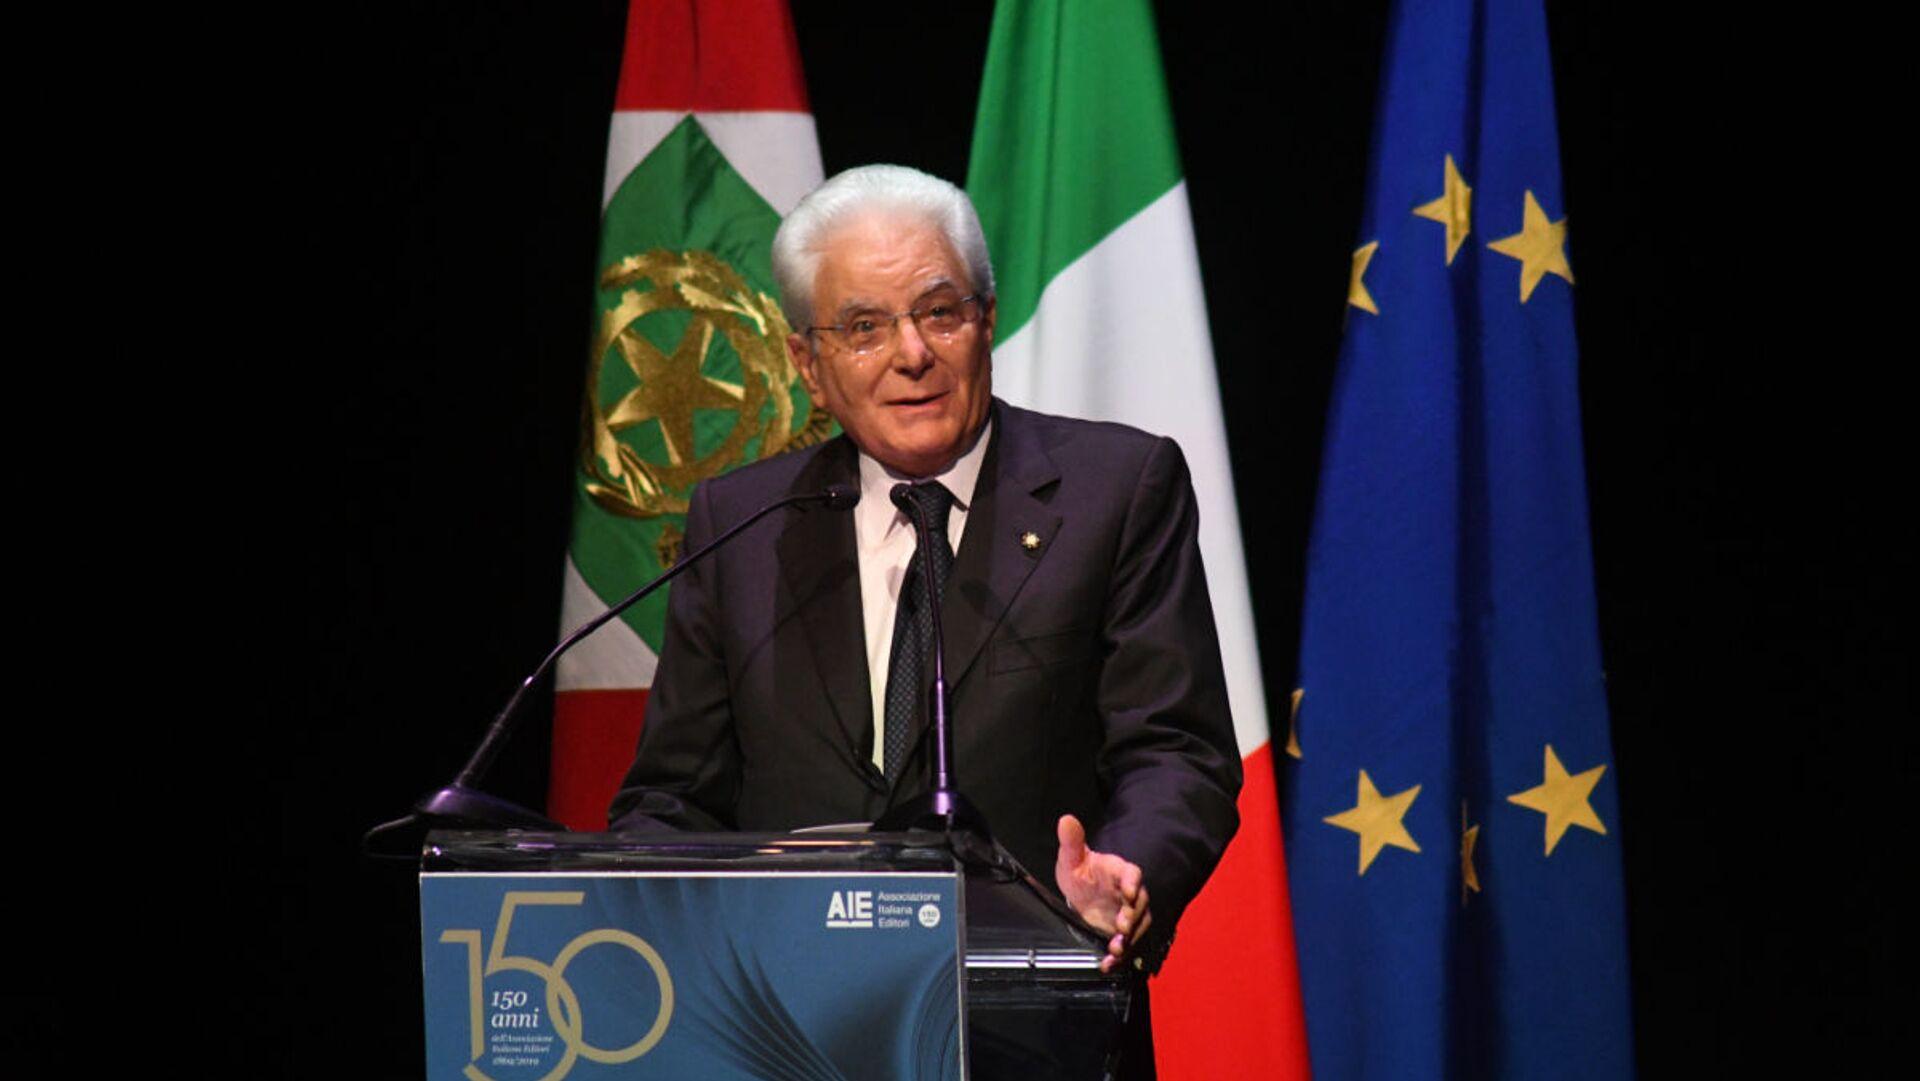 Il Presidente della Repubblica Sergio Mattarella ai 150 anni dell'Associazione Italiana Editori - Sputnik Italia, 1920, 21.06.2021